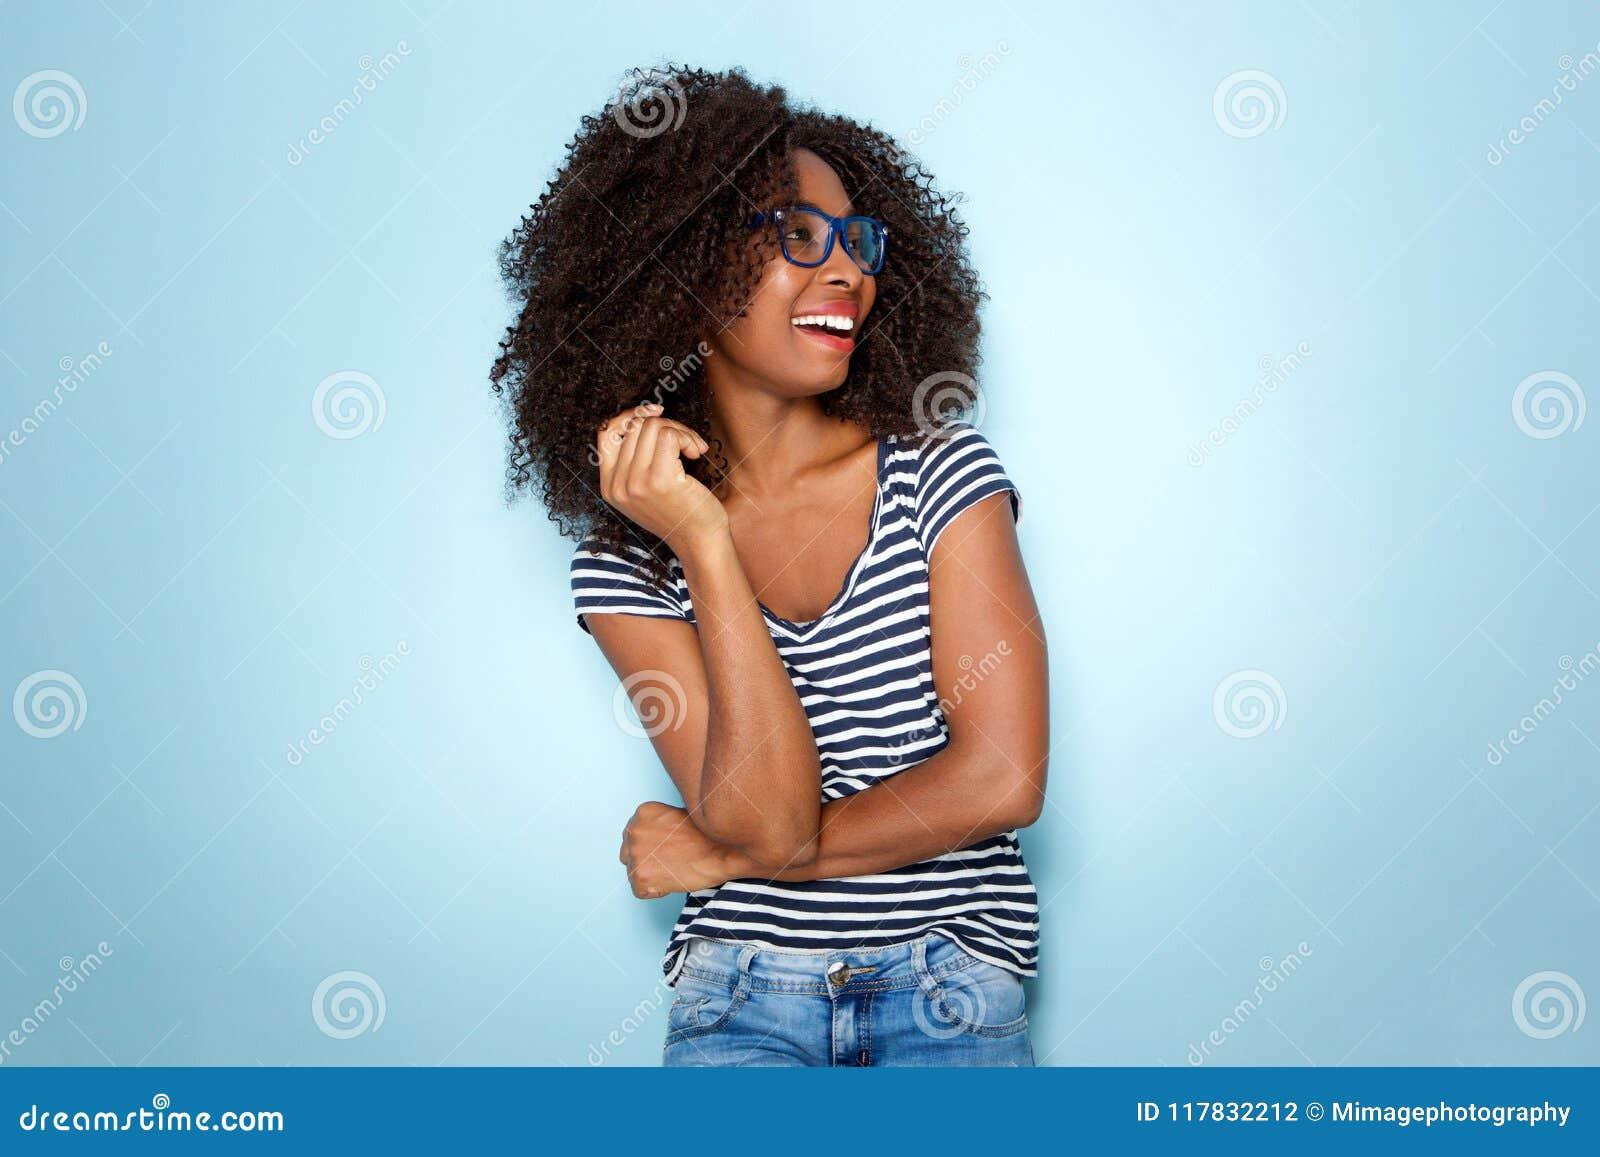 Junge Afroamerikanerfrau, die mit Gläsern auf blauem Hintergrund lächelt